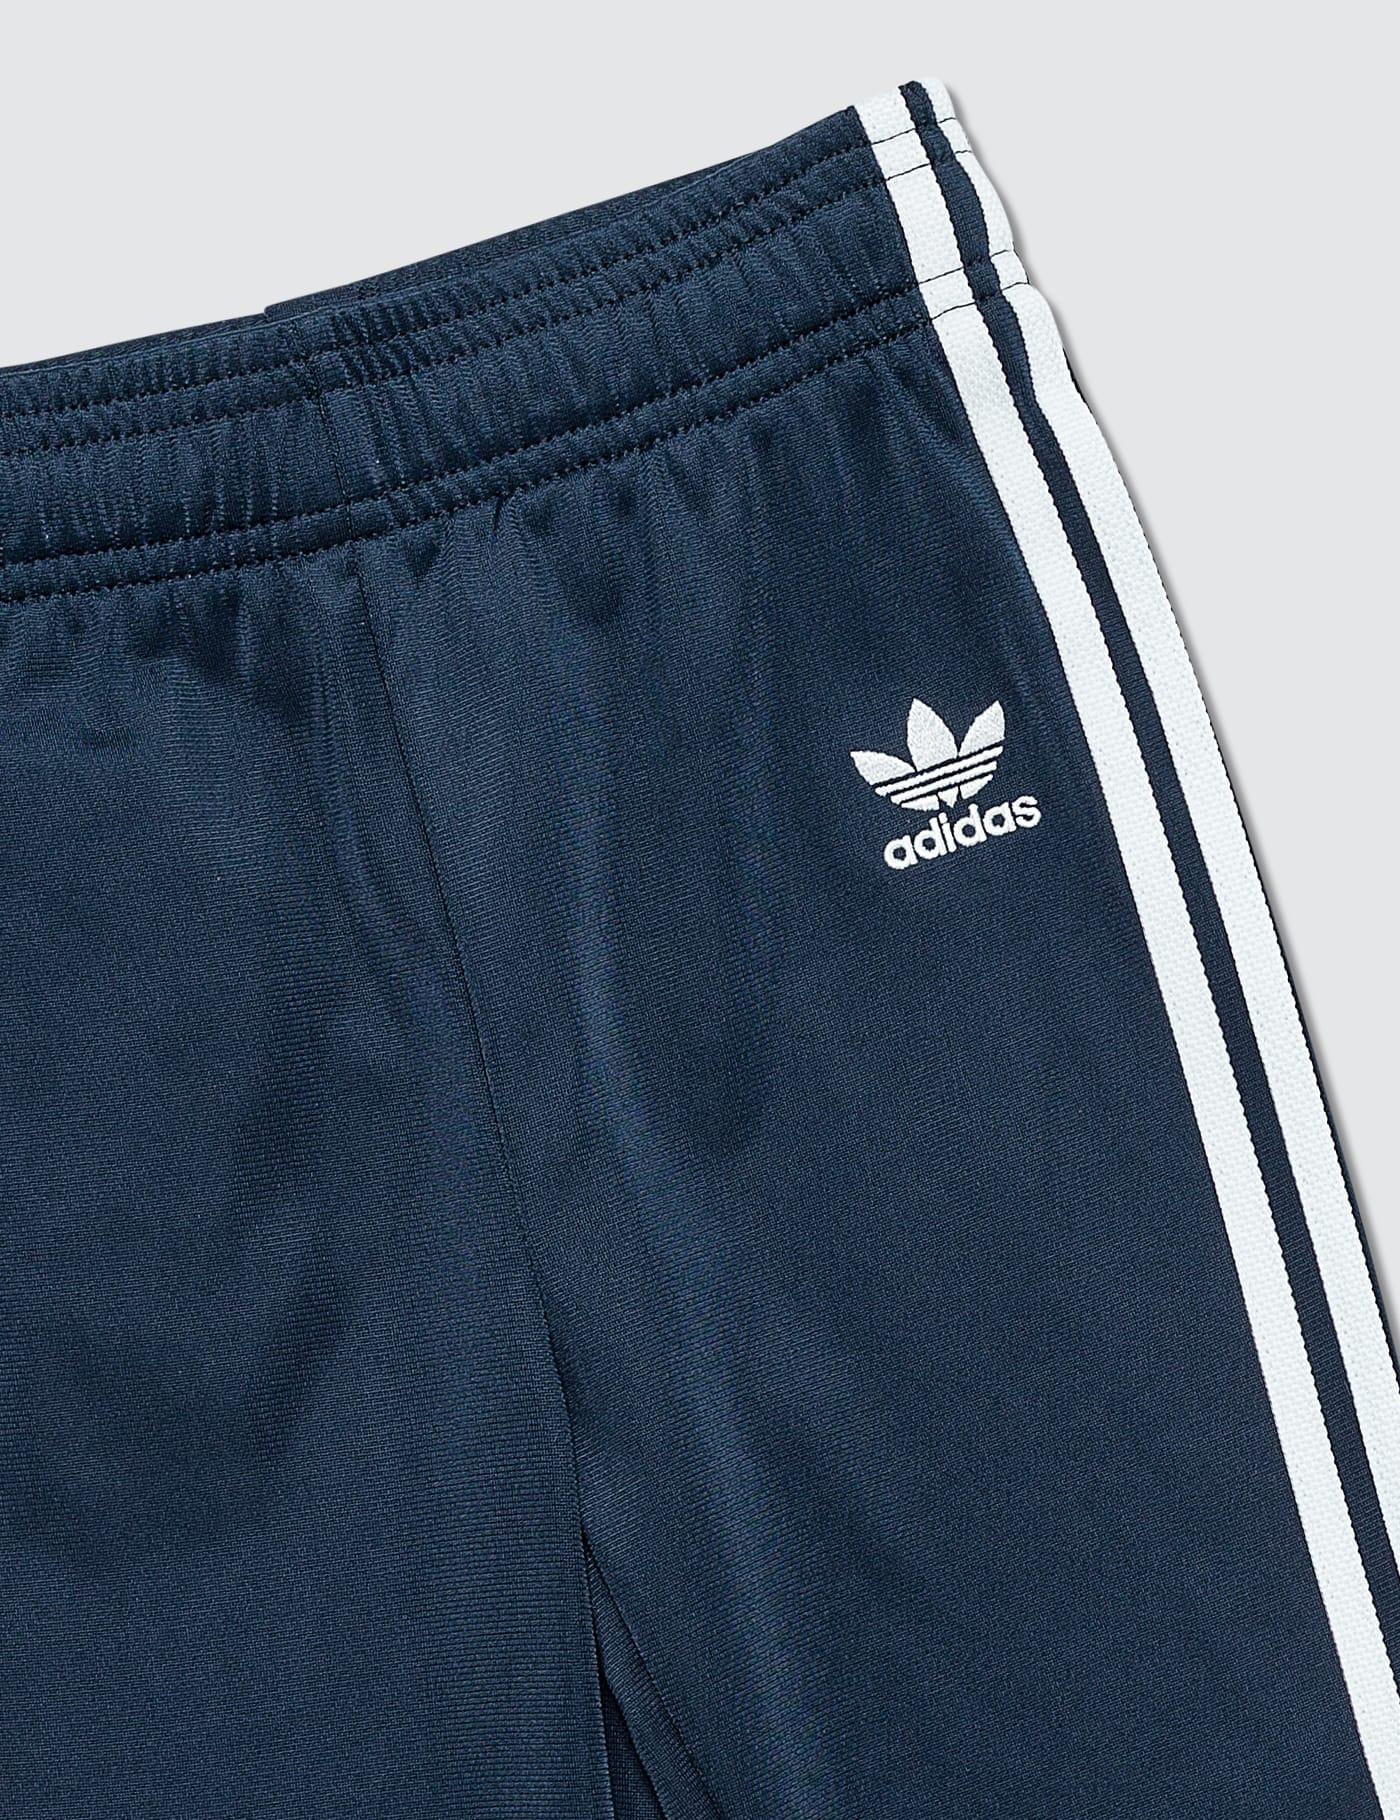 Adidas Originals - SST Track Suit (Kids